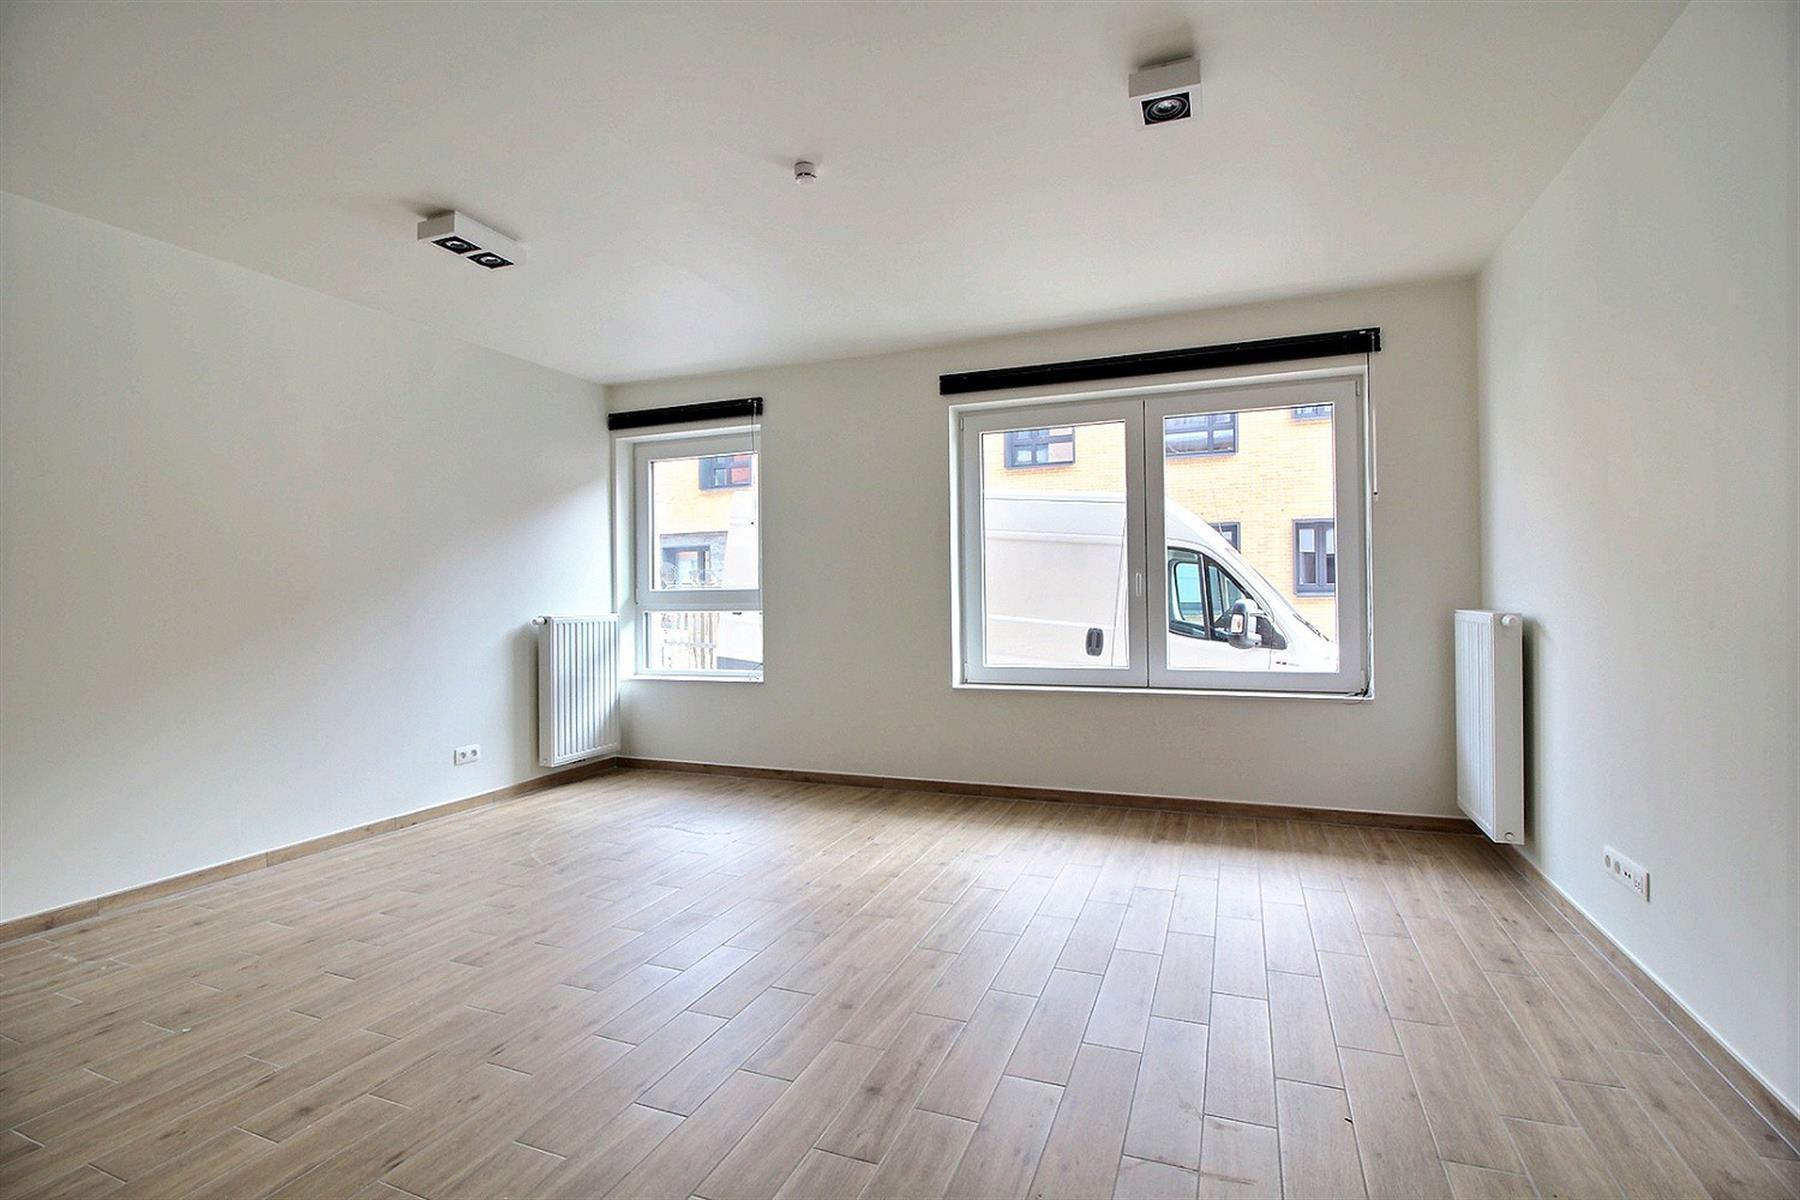 Appartement - Ottignies-Louvain-la-Neuve Louvain-la-Neuve - #4188555-3